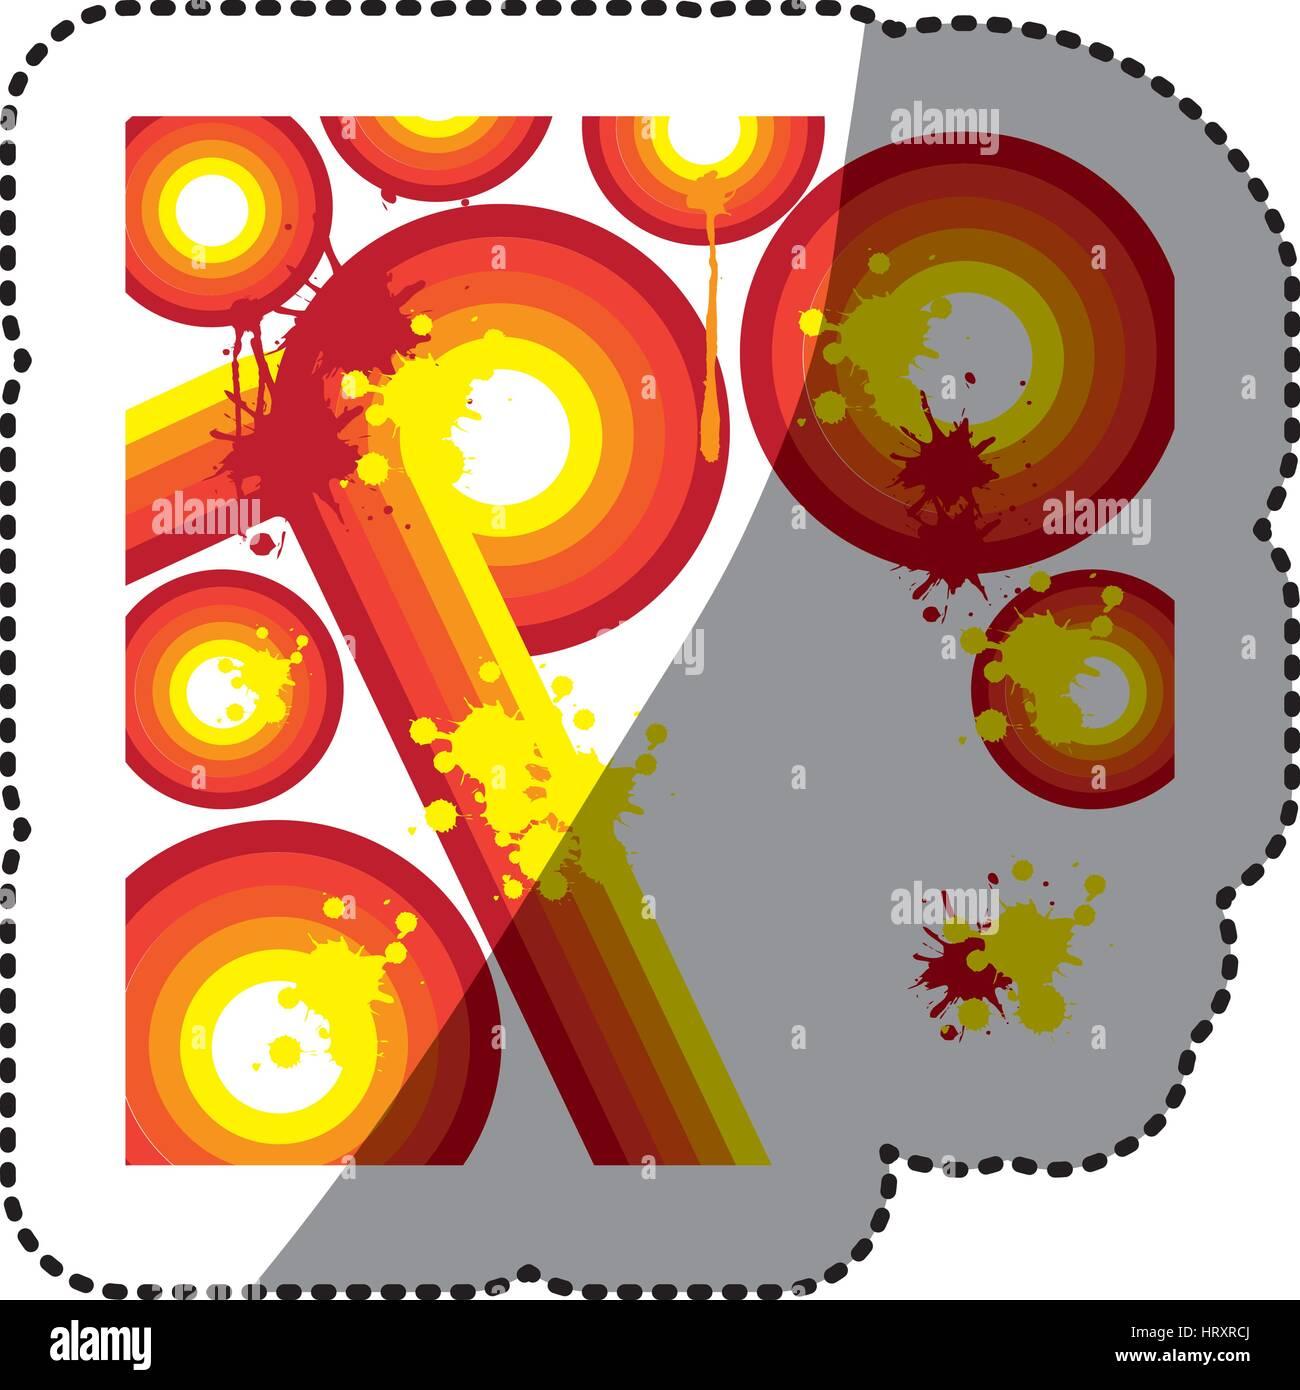 Orange autocollant rétro abstrait Lignes et cercles avec splash color Photo Stock